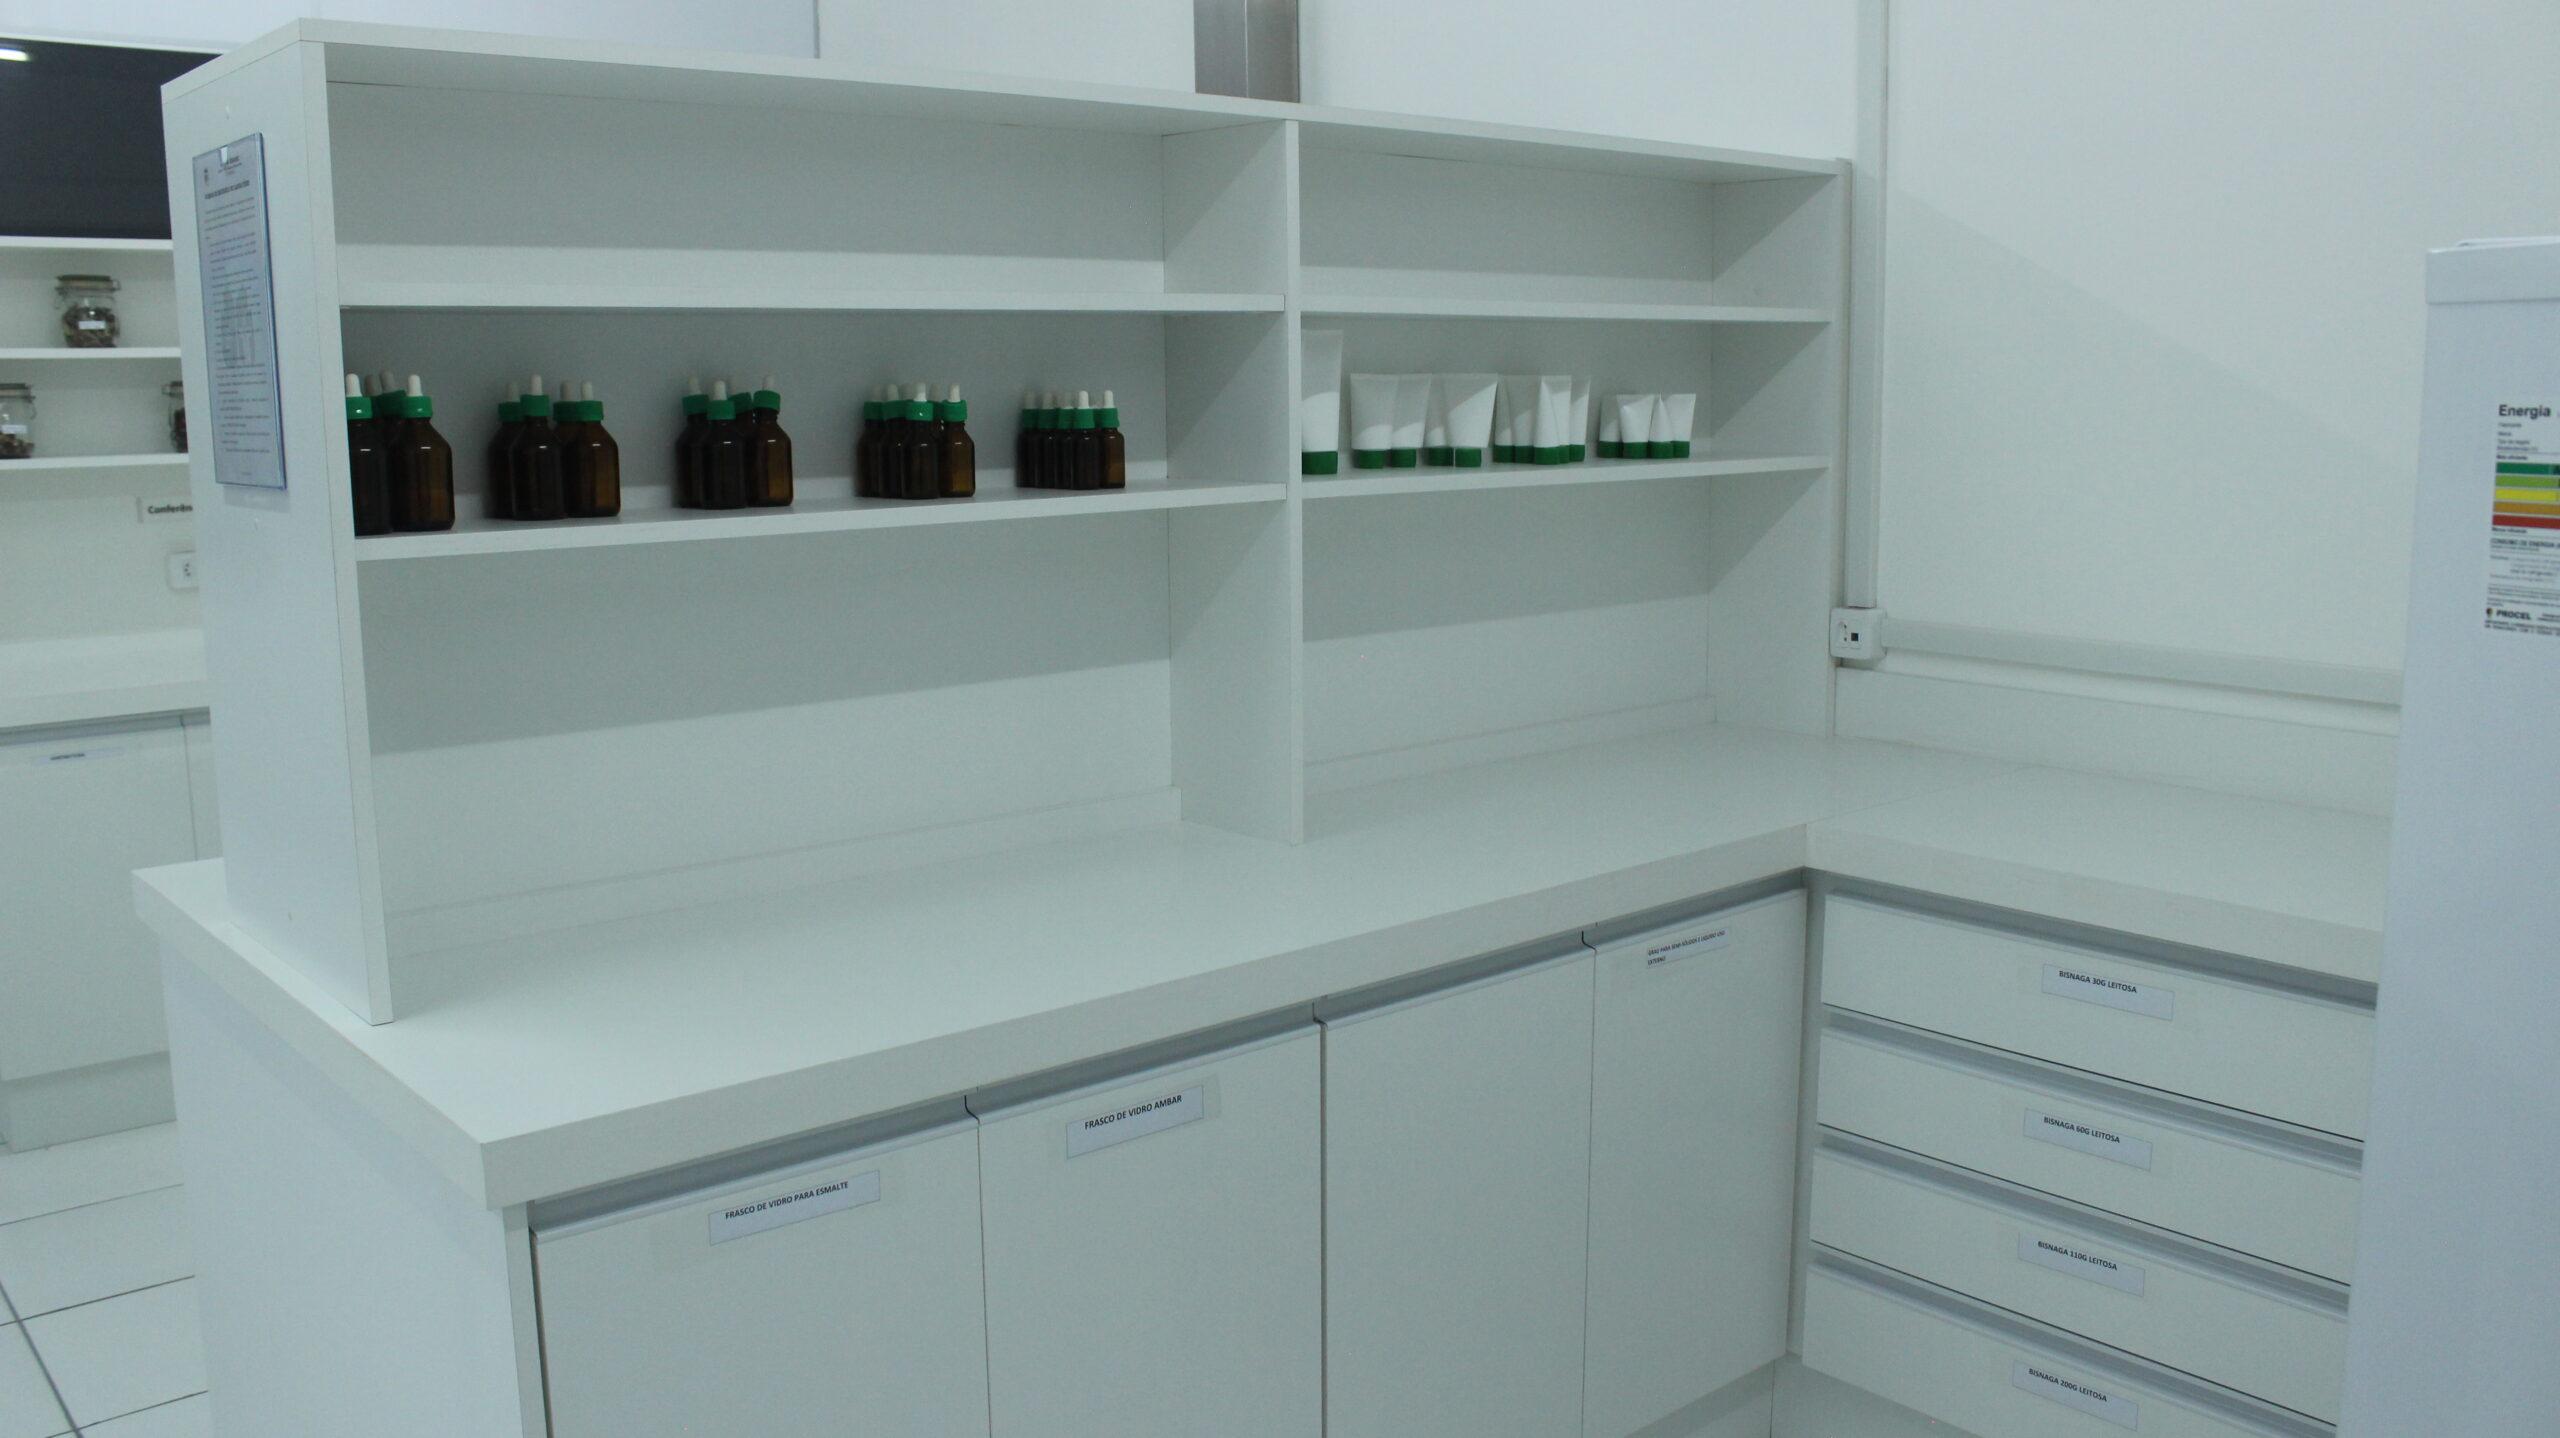 laboratório-de-informática-300x225 Laboratórios